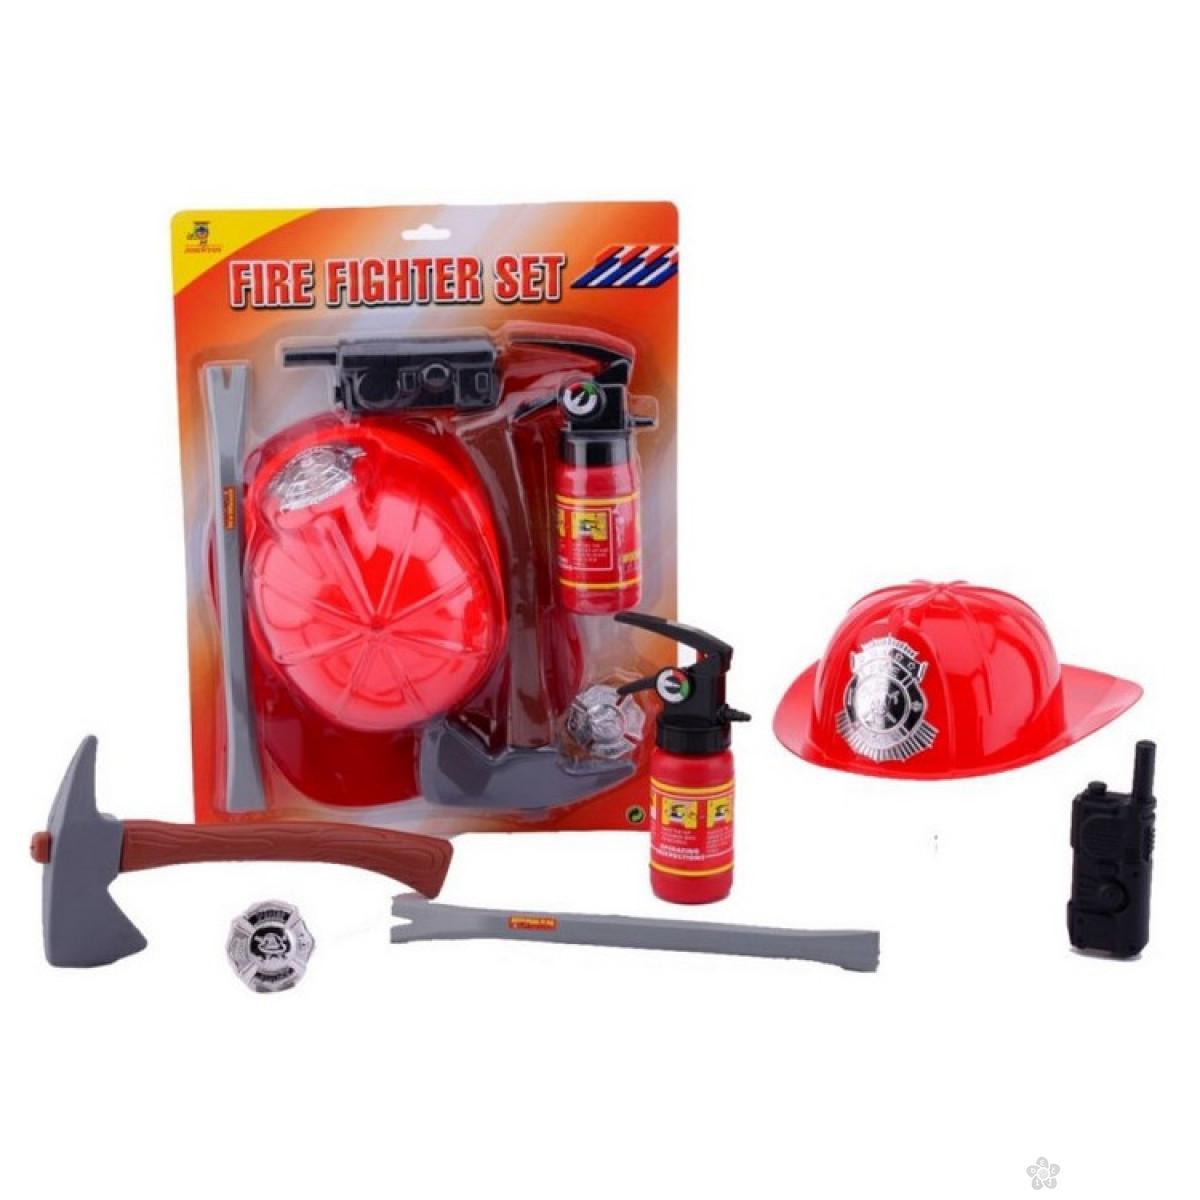 Set za igru vatrogasac, 23258